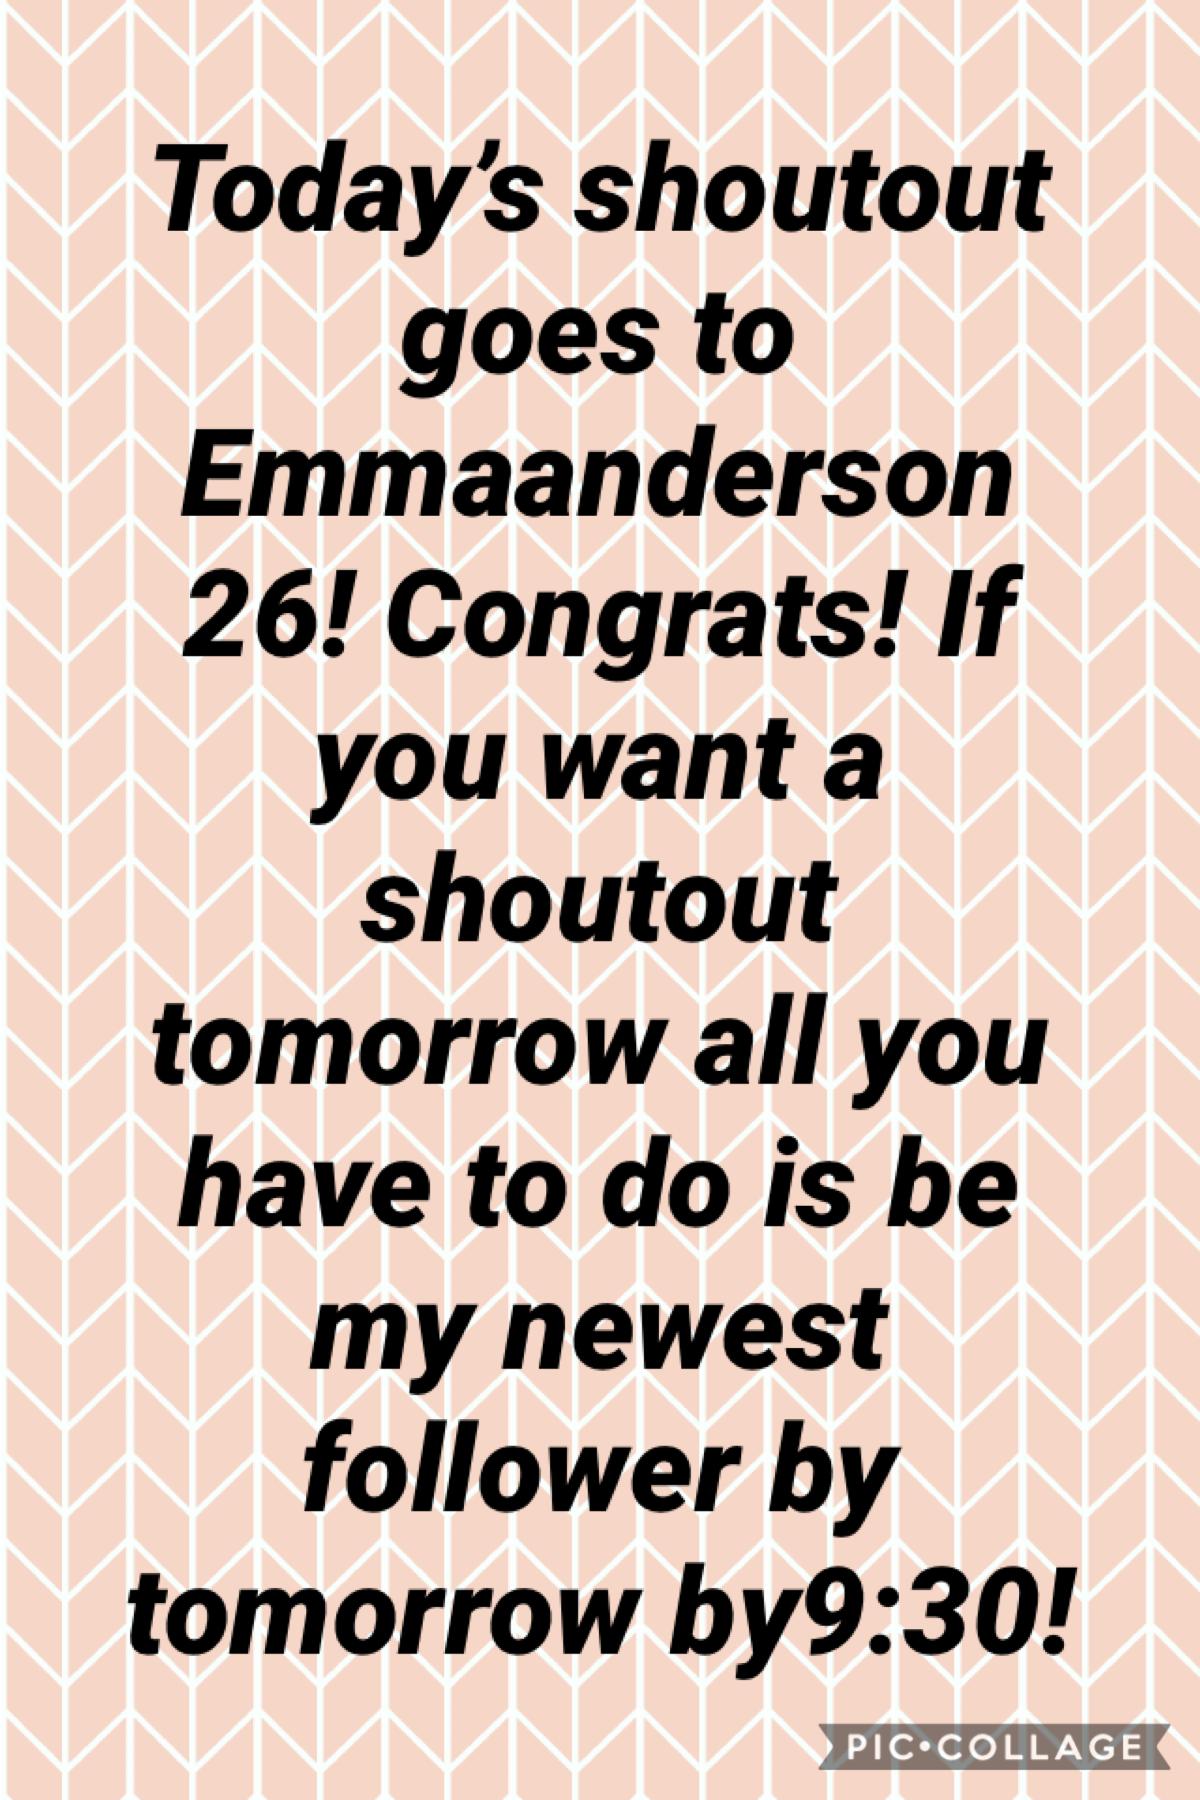 Congratulations Emmaanderson26!